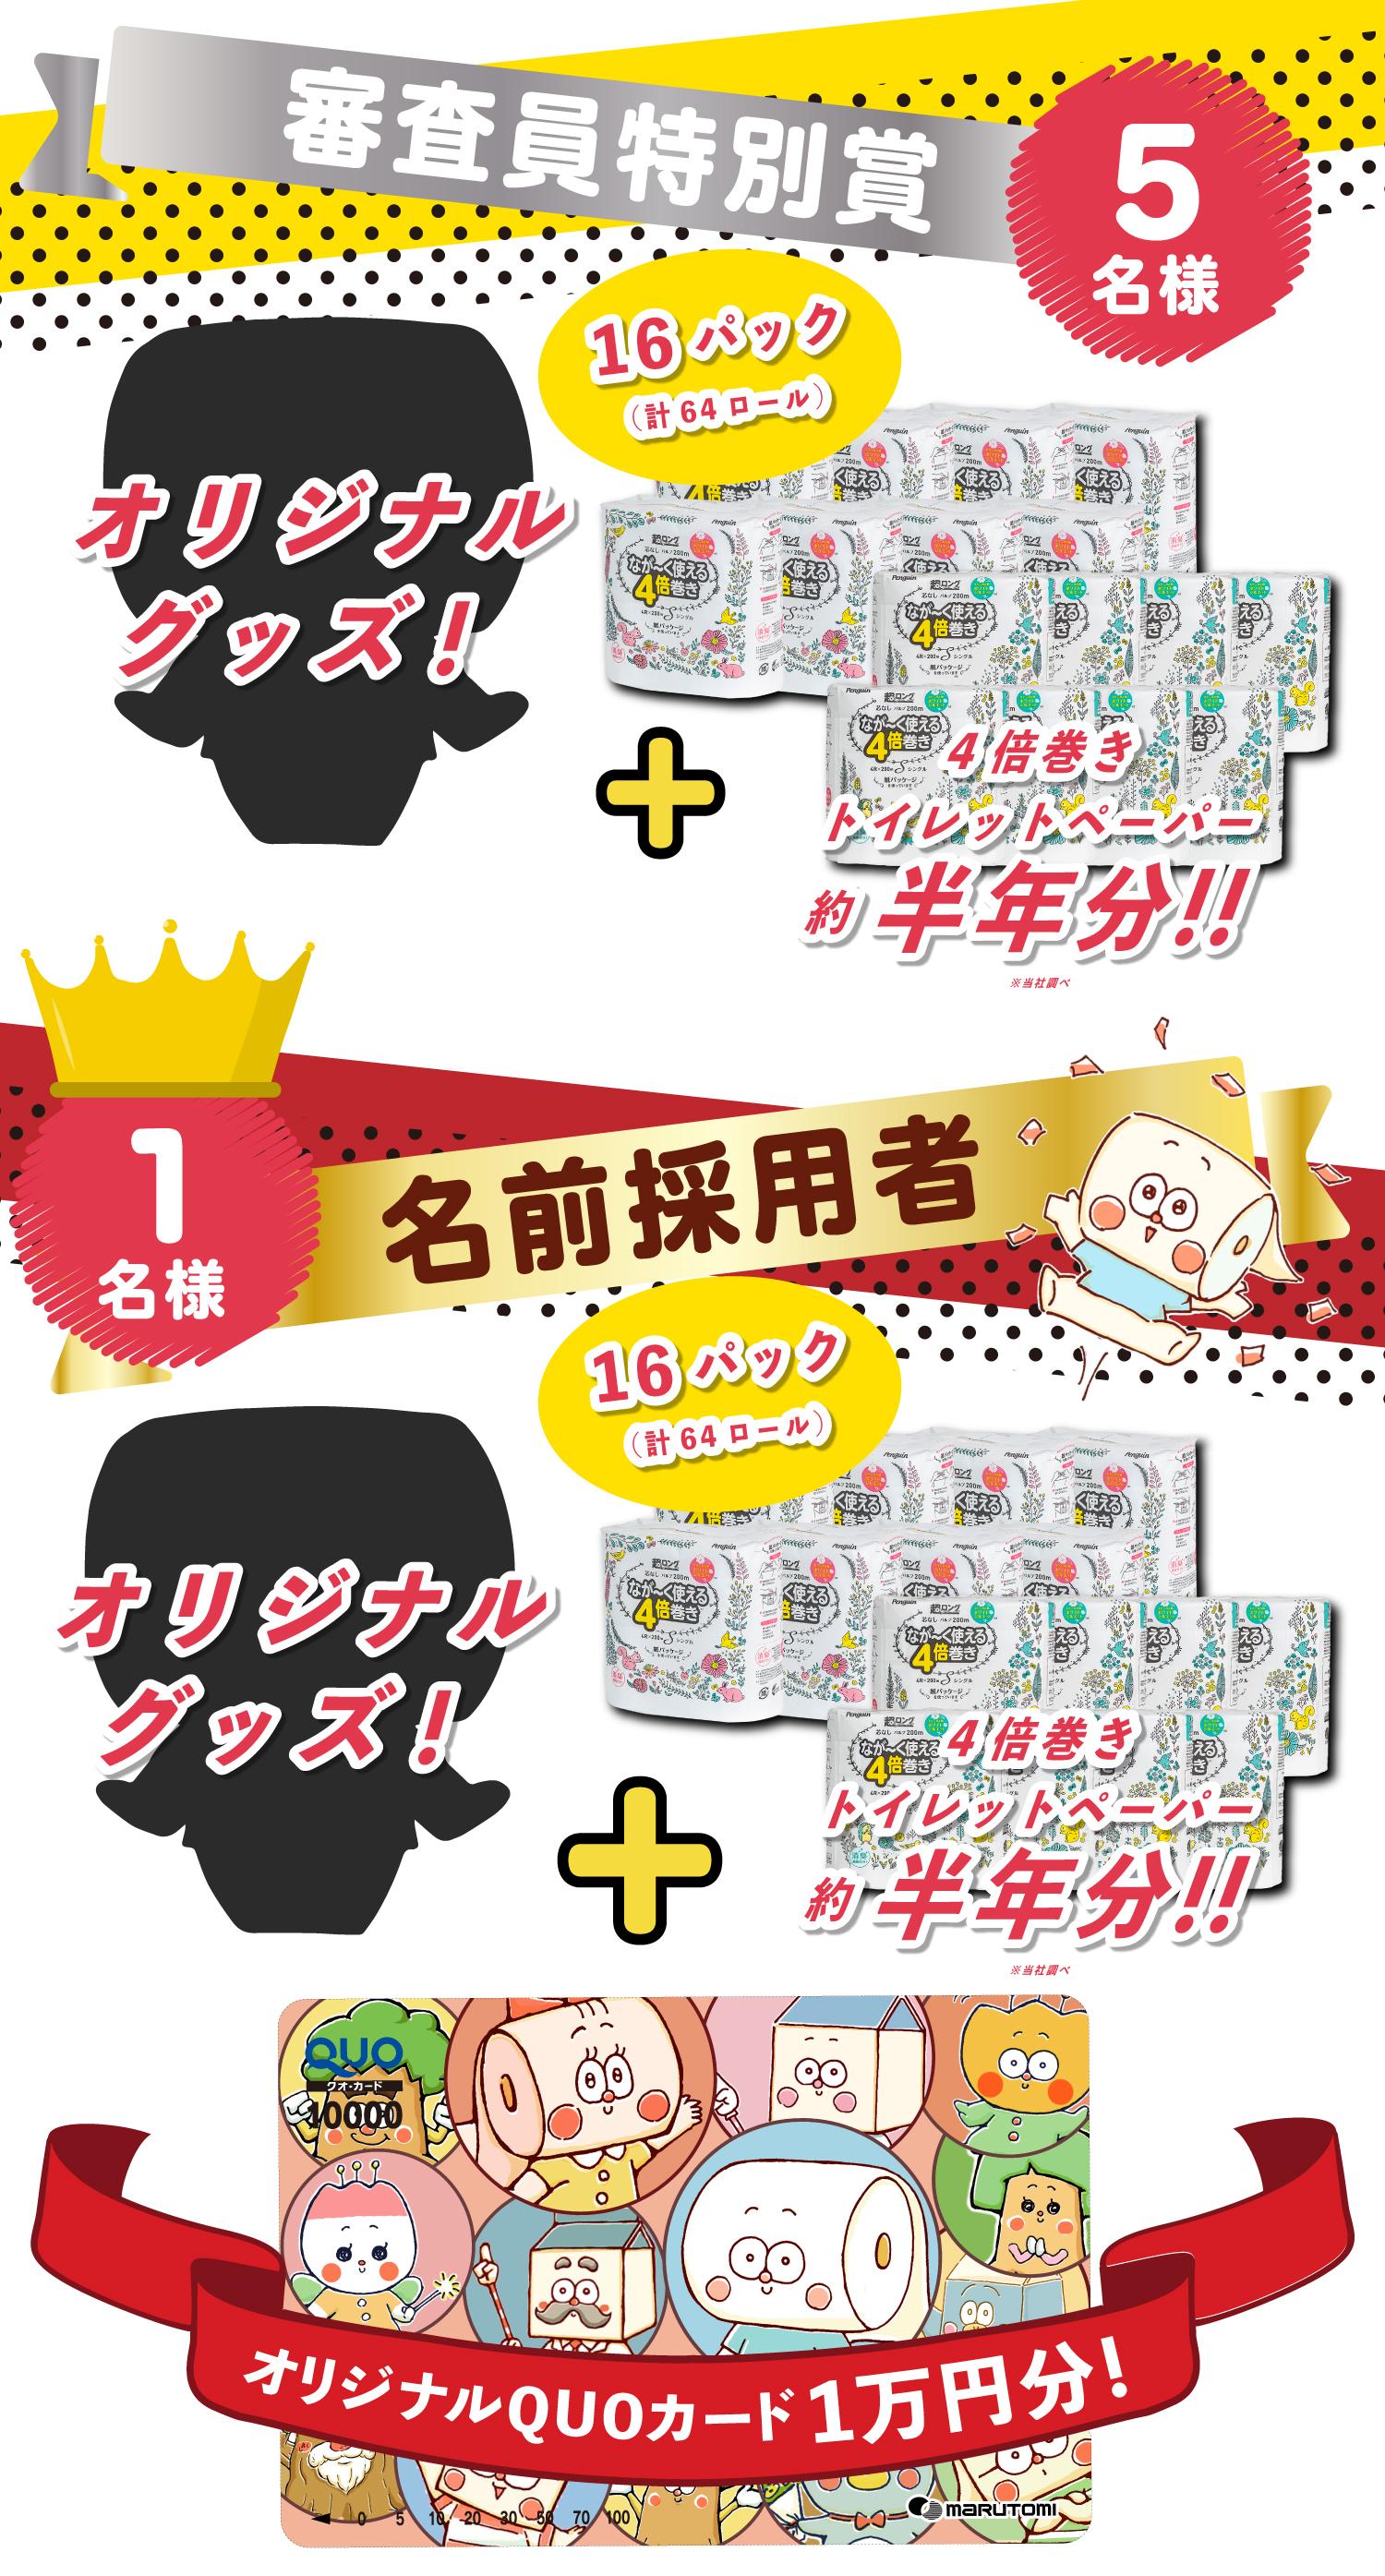 名前募集キャンペーン プレゼント賞品